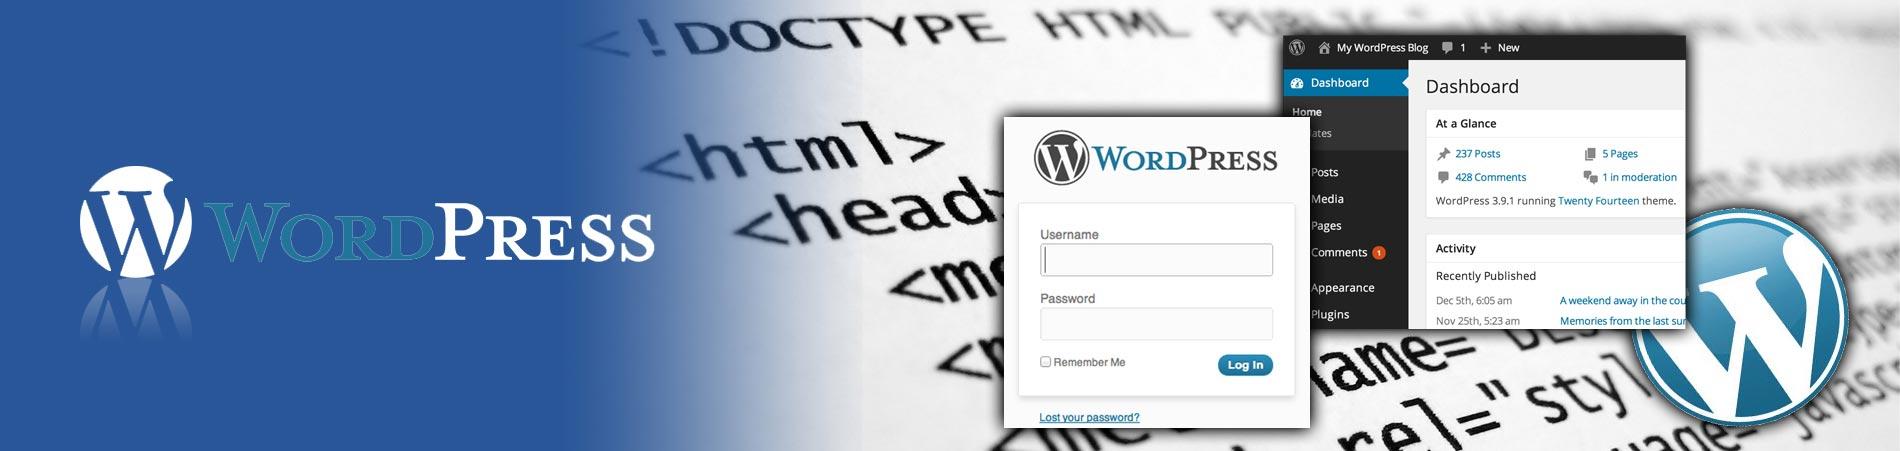 wtm-online programmiert WordPress